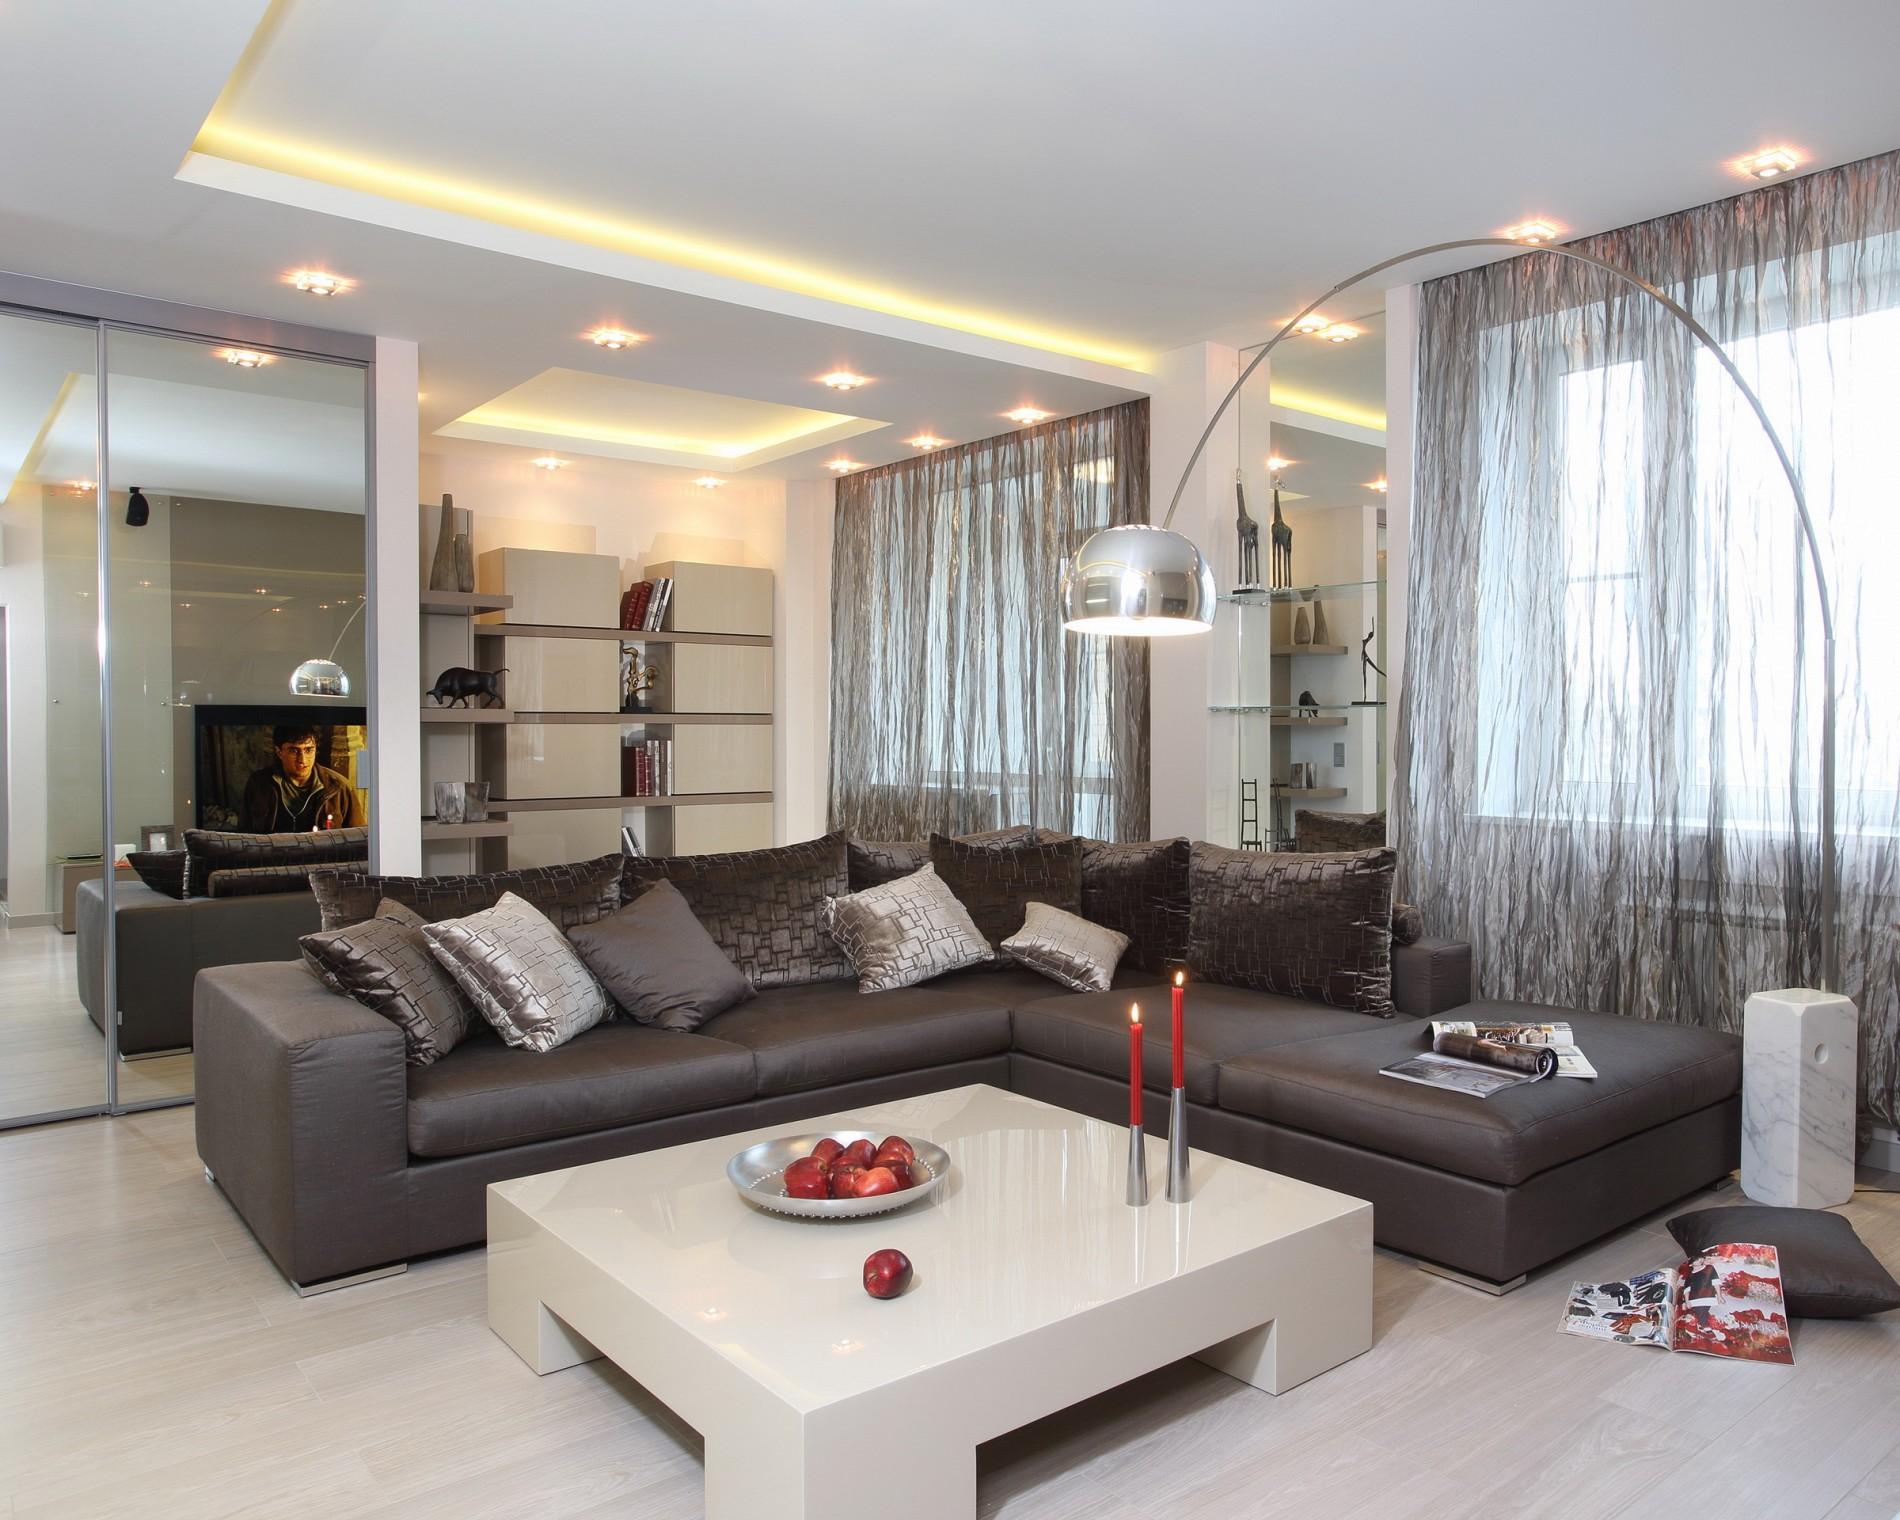 Модный дизайн интерьера гостиной в стиле минимализм